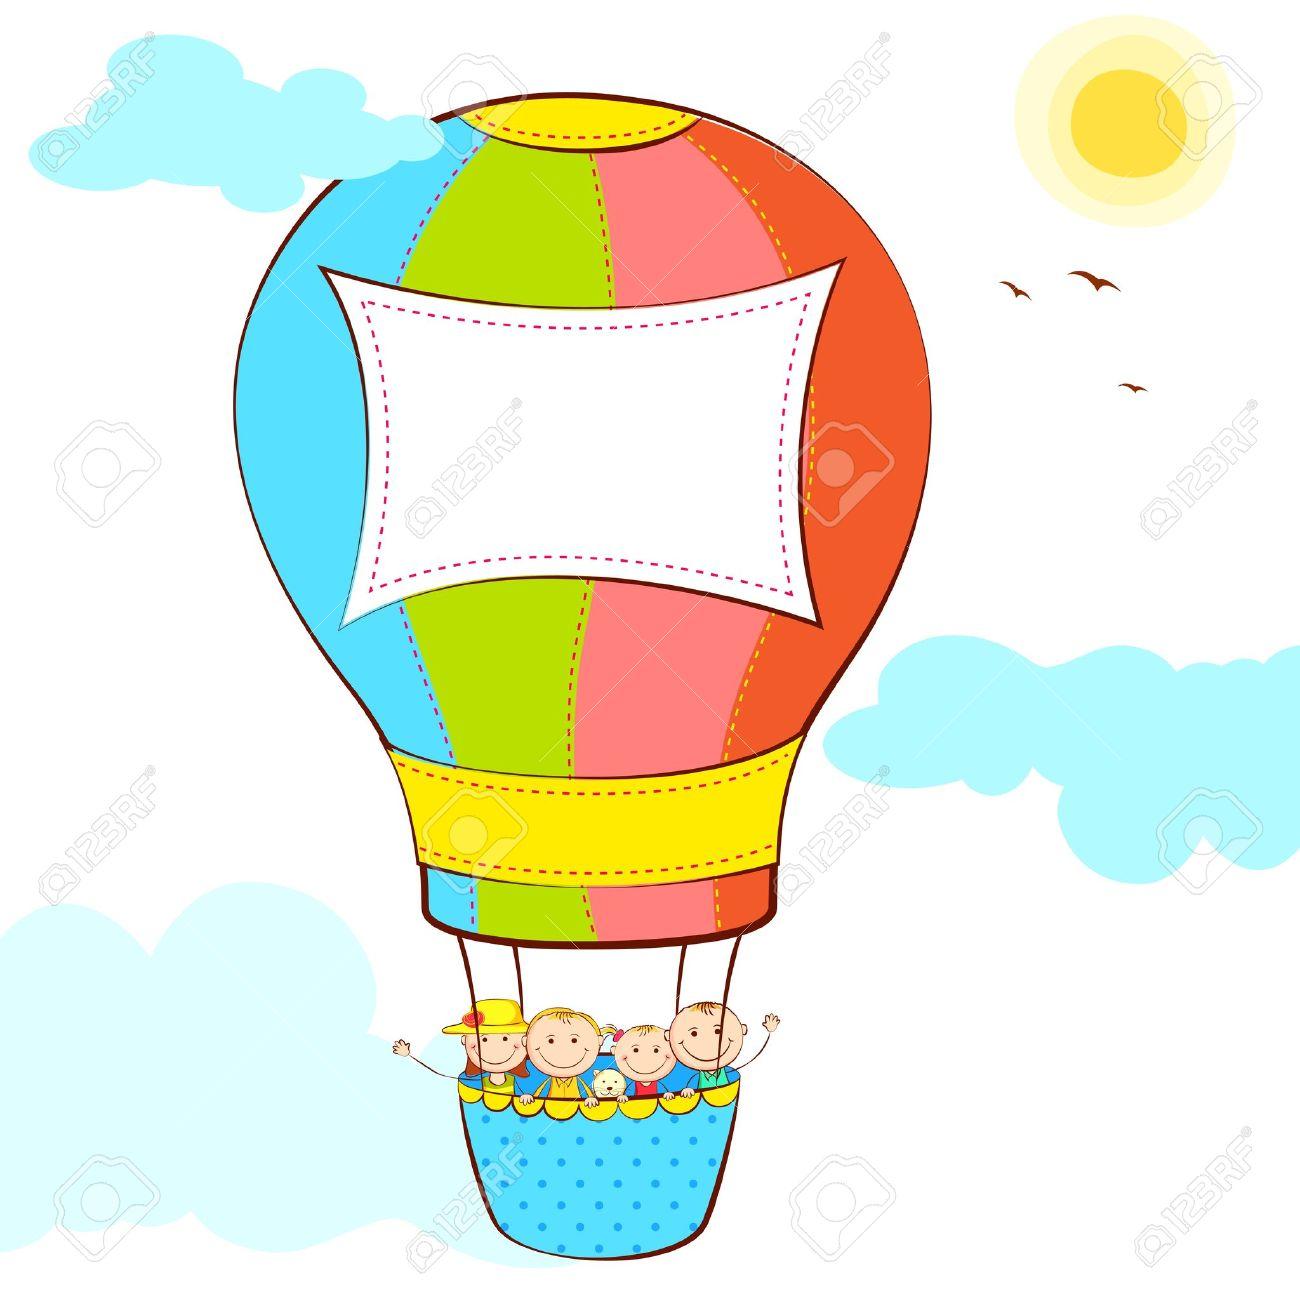 Kids in hot air balloon clipart.